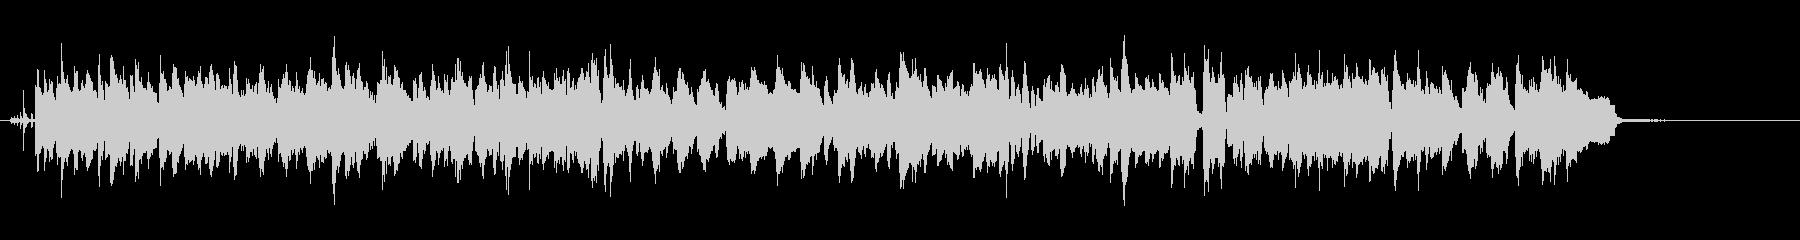 サックスとラッパが軽快なスウィングジャズの未再生の波形